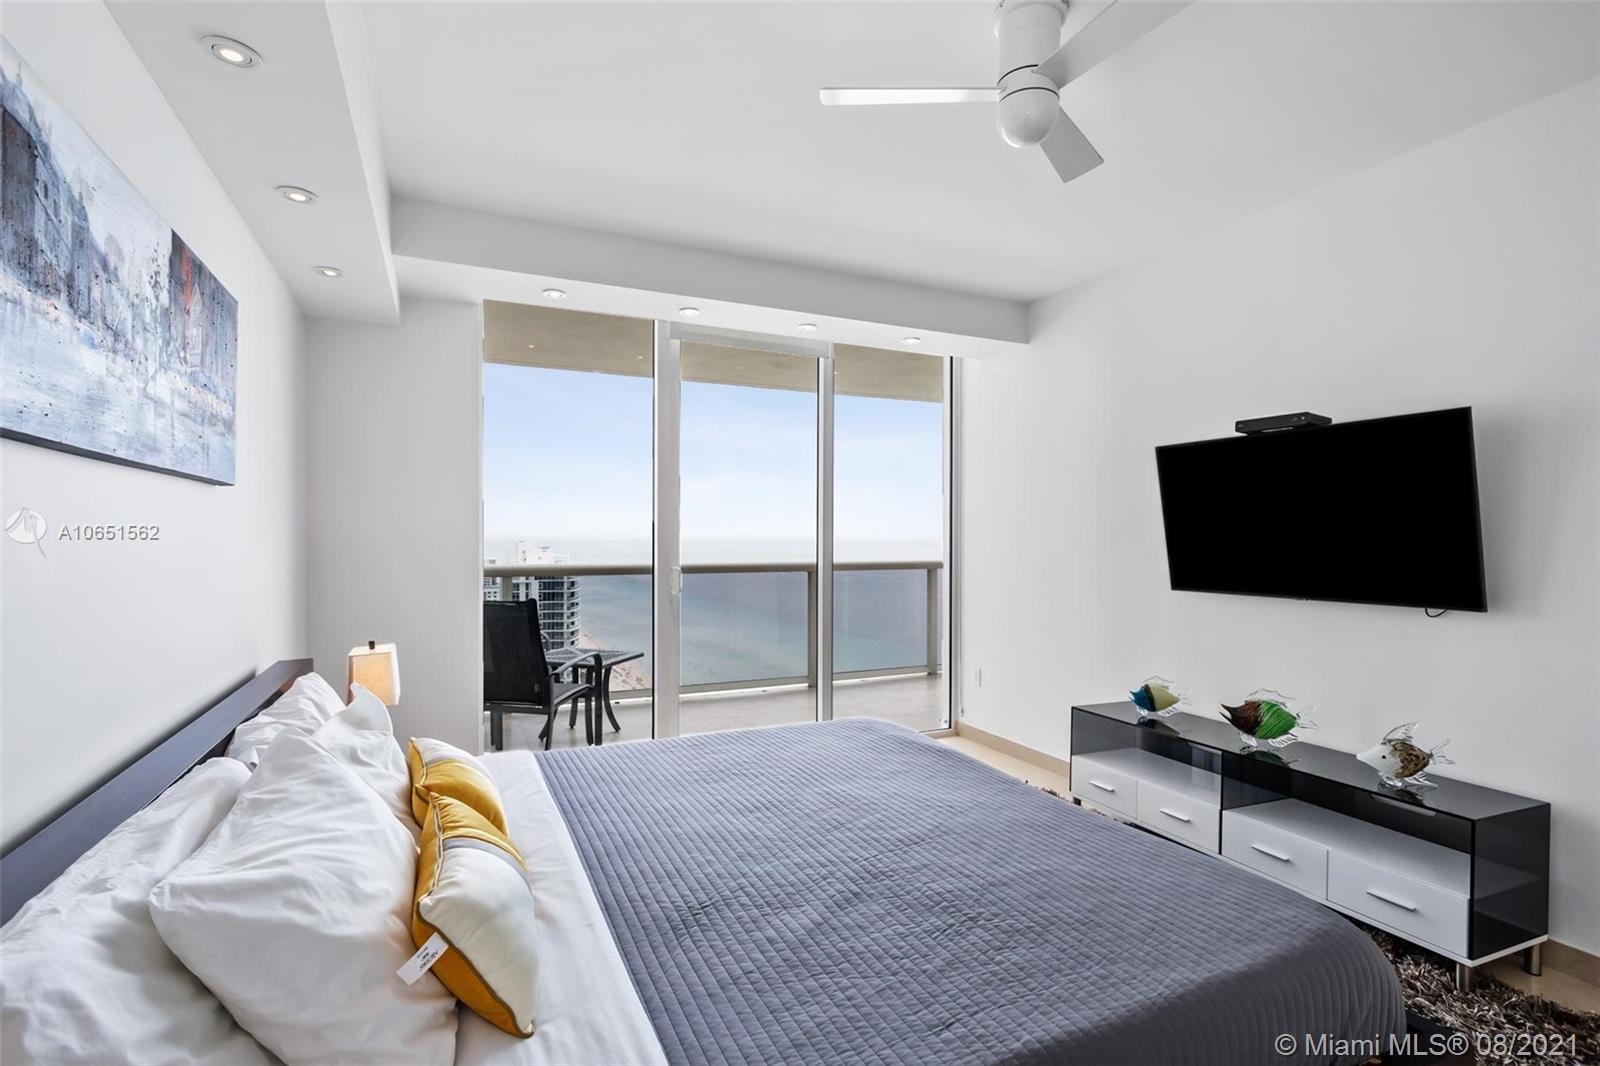 3011 3 / 2 1554 sq. ft. $ 2021-03-09 0 foto